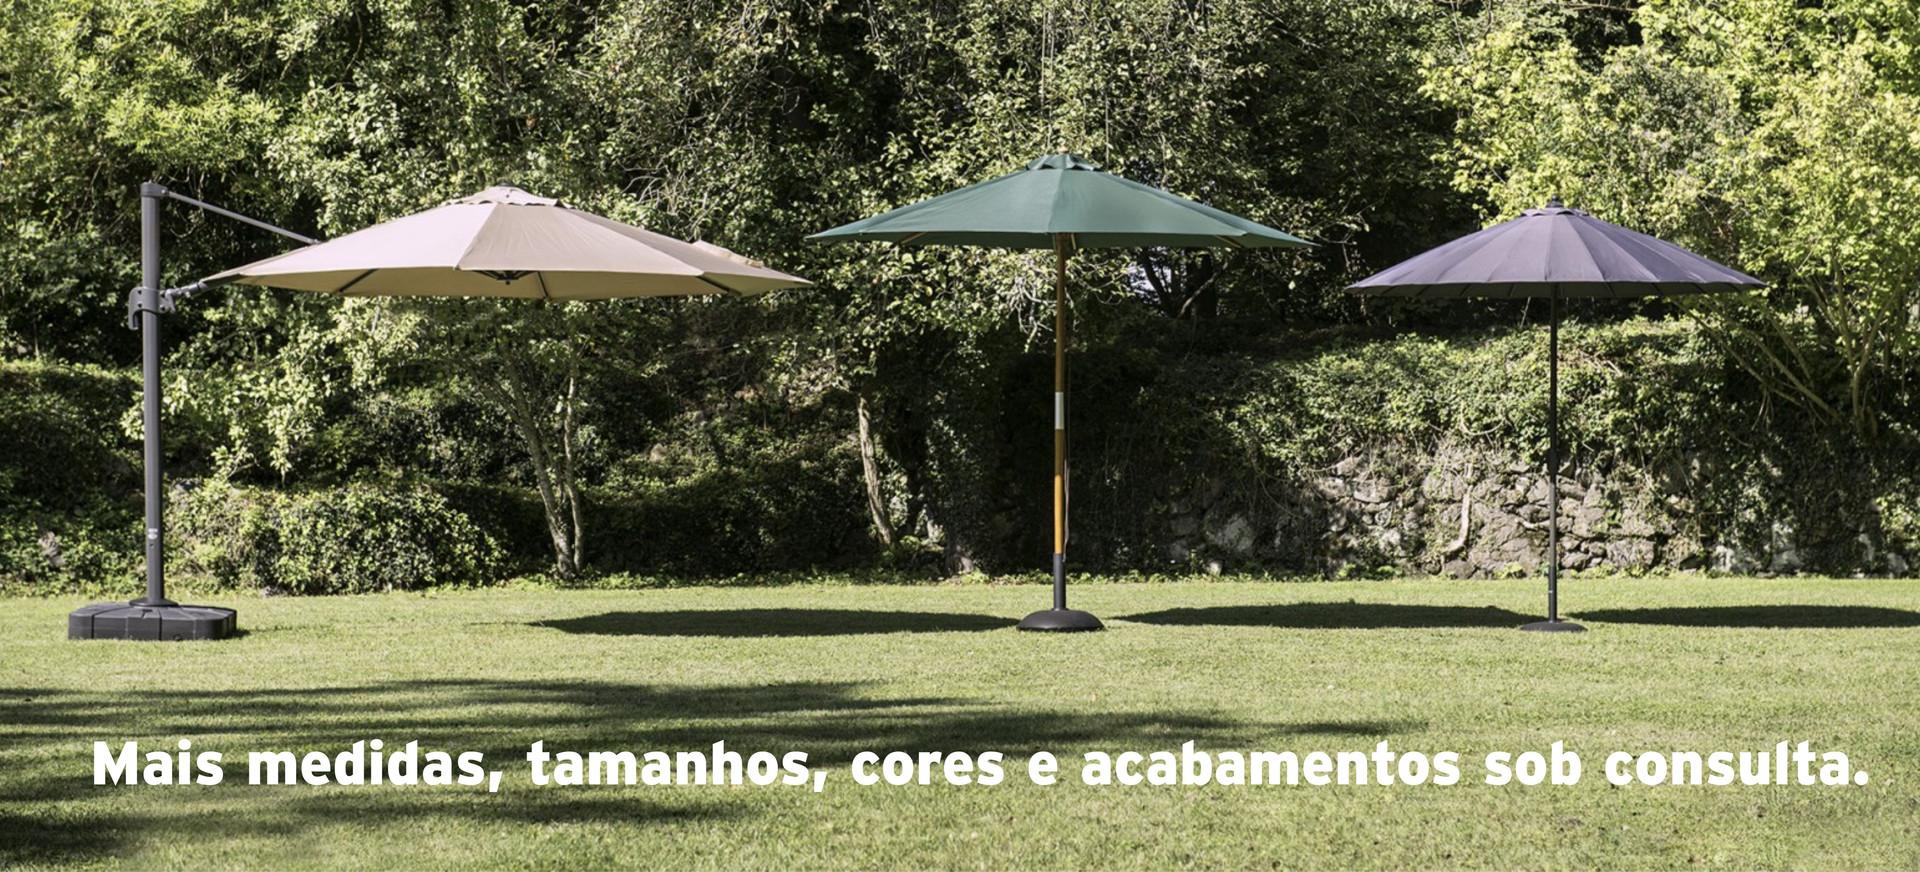 RES VARIOS.jpg